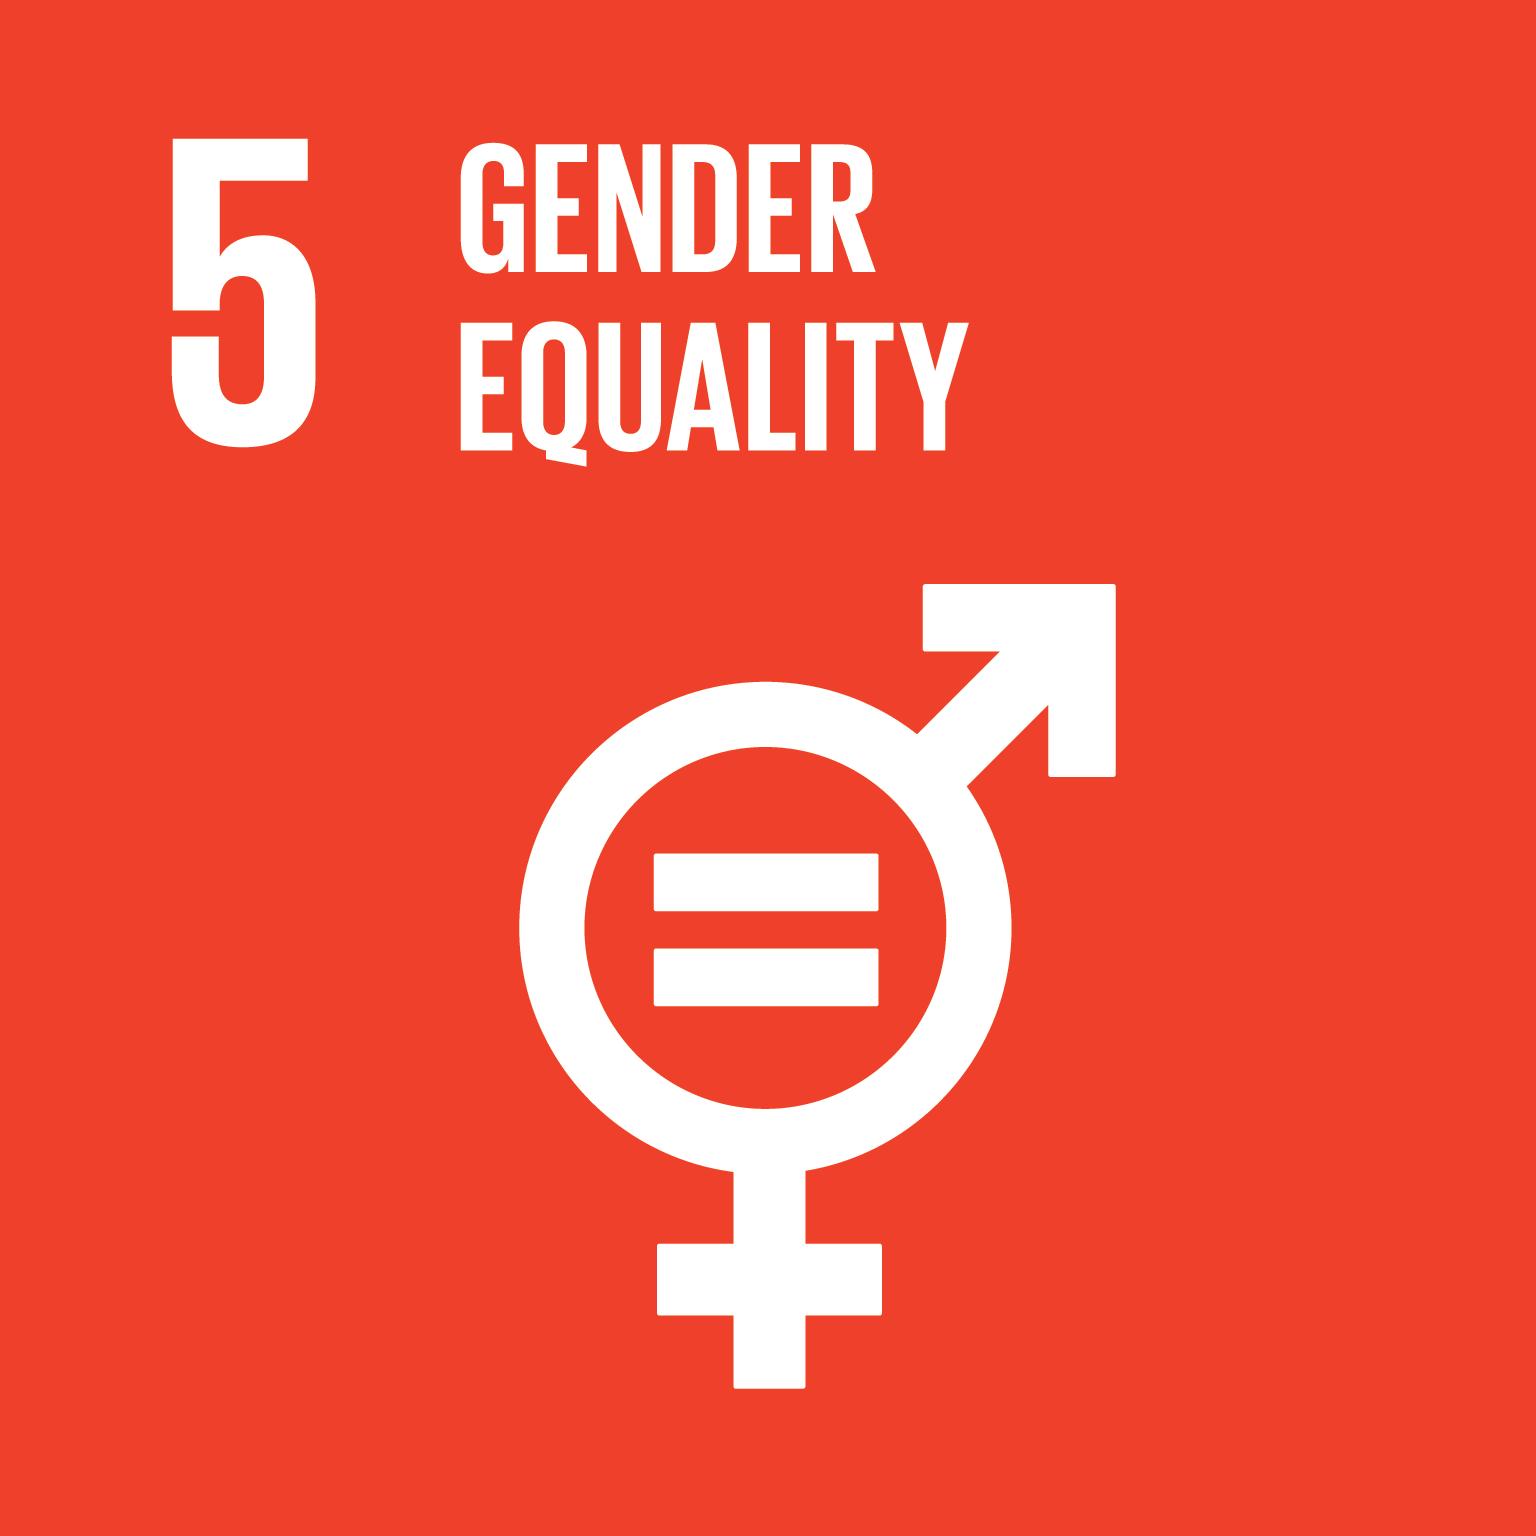 05 Gender equality